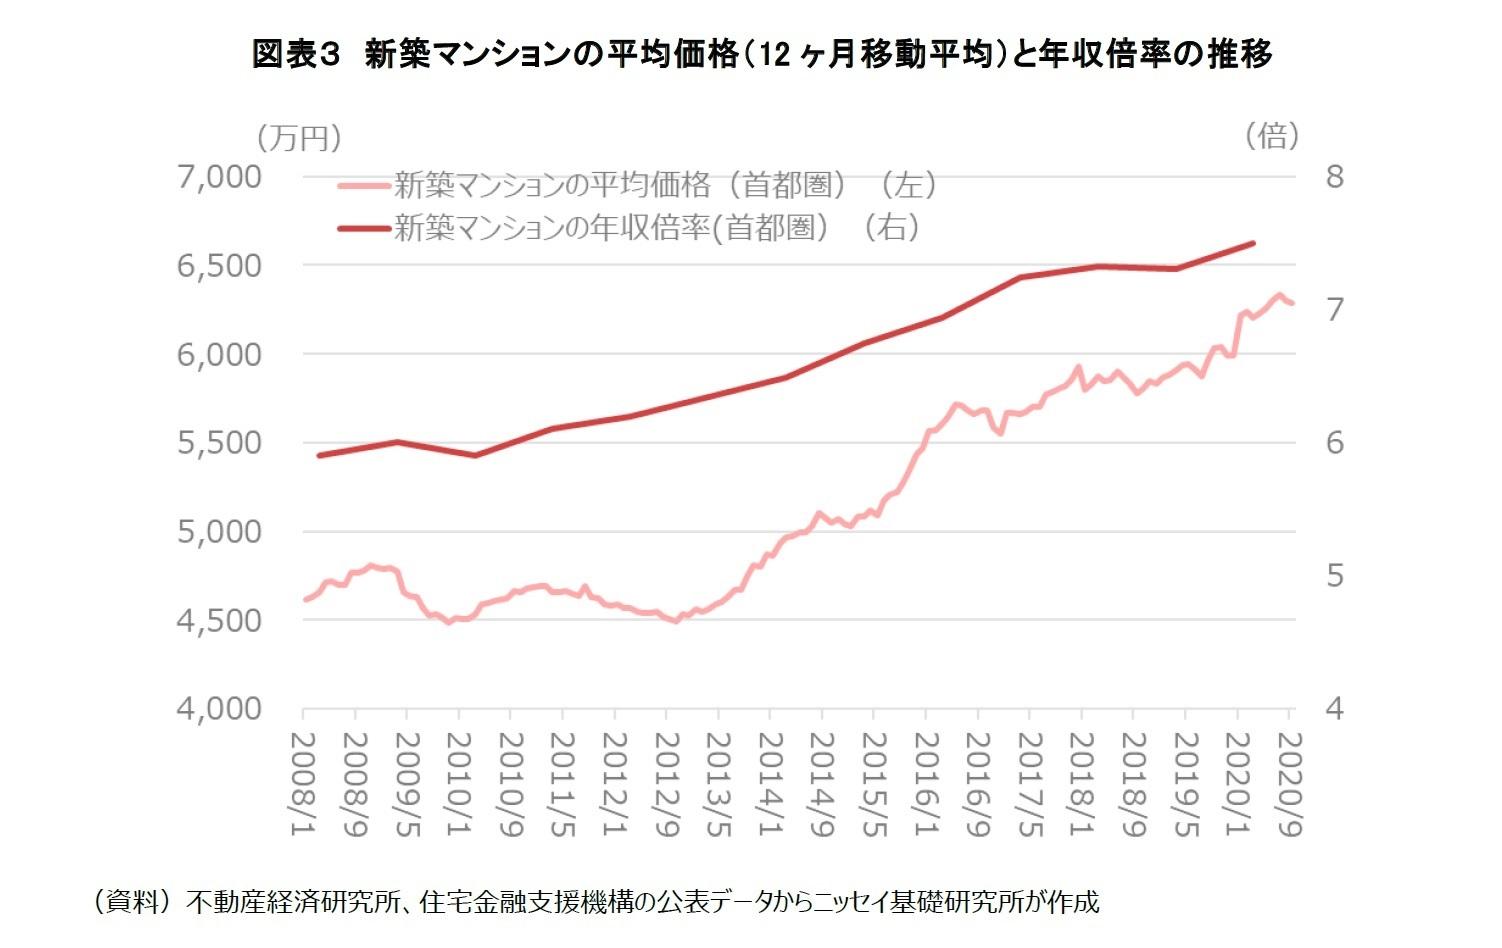 図表3 新築マンションの平均価格(12ヶ月移動平均)と年収倍率の推移